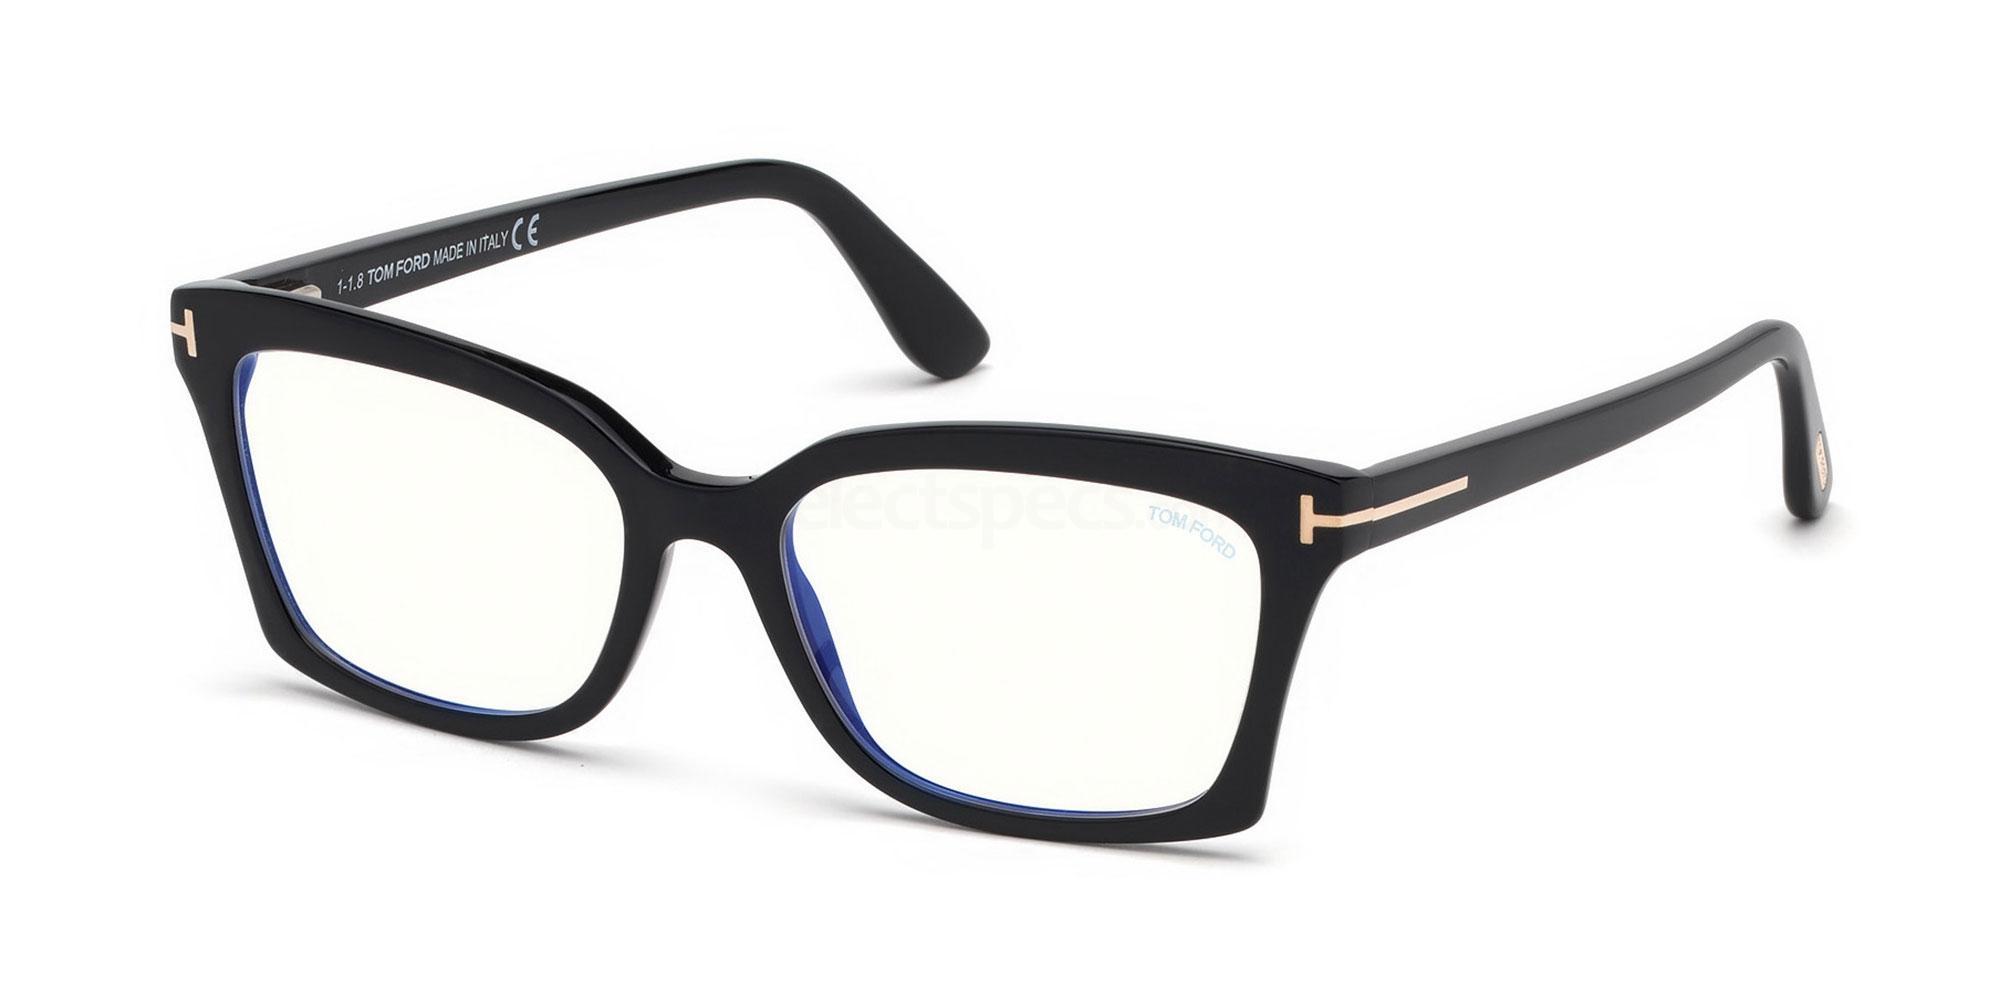 001 FT5552-B Glasses, Tom Ford